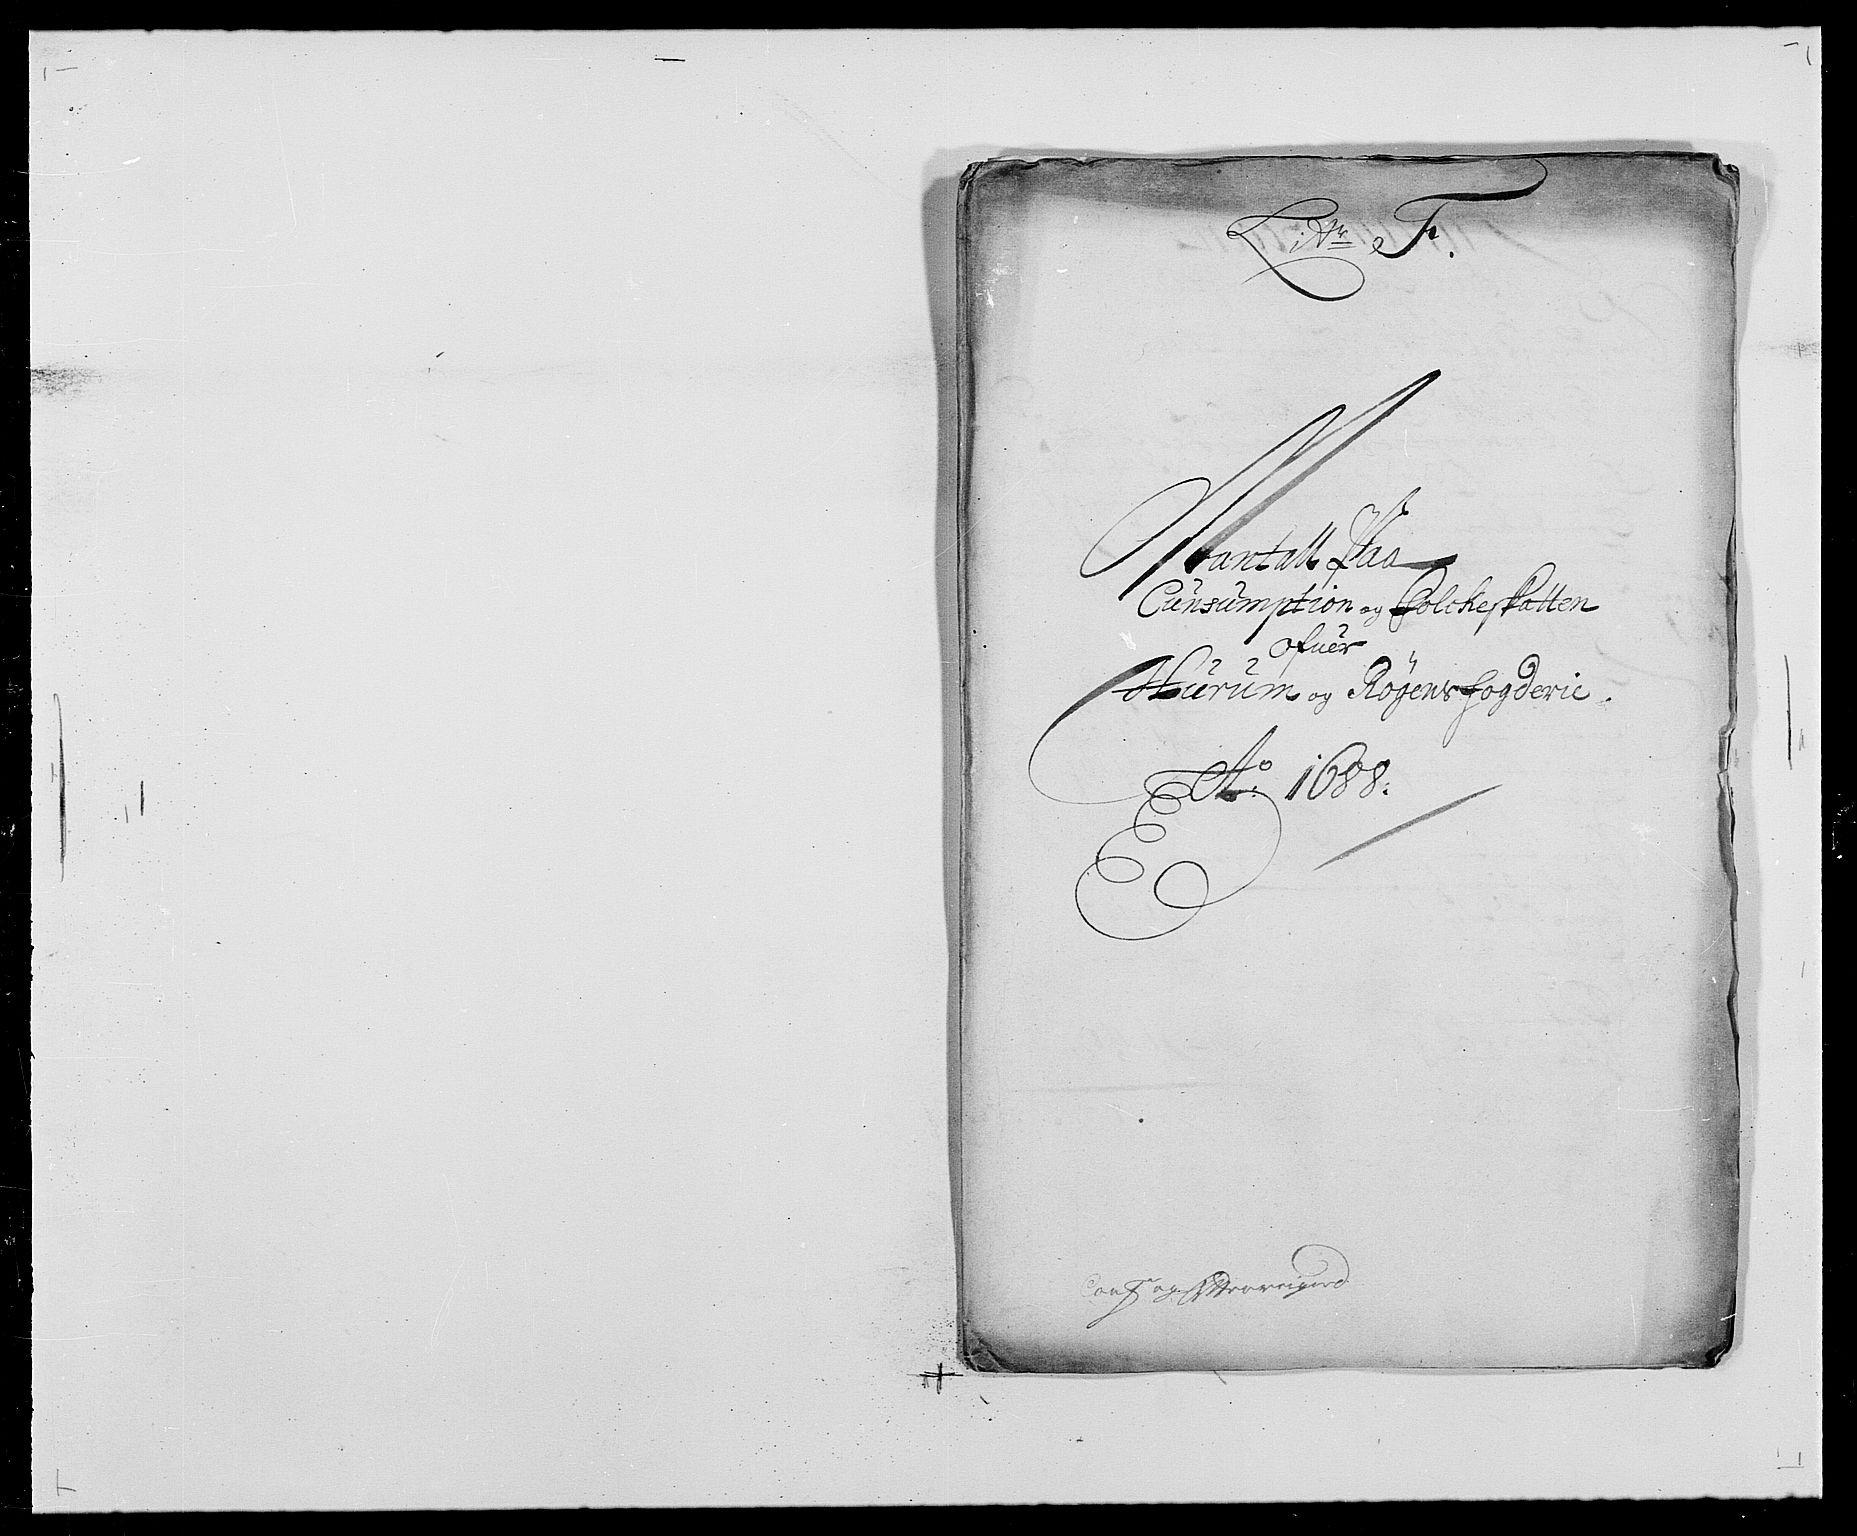 RA, Rentekammeret inntil 1814, Reviderte regnskaper, Fogderegnskap, R29/L1693: Fogderegnskap Hurum og Røyken, 1688-1693, s. 67